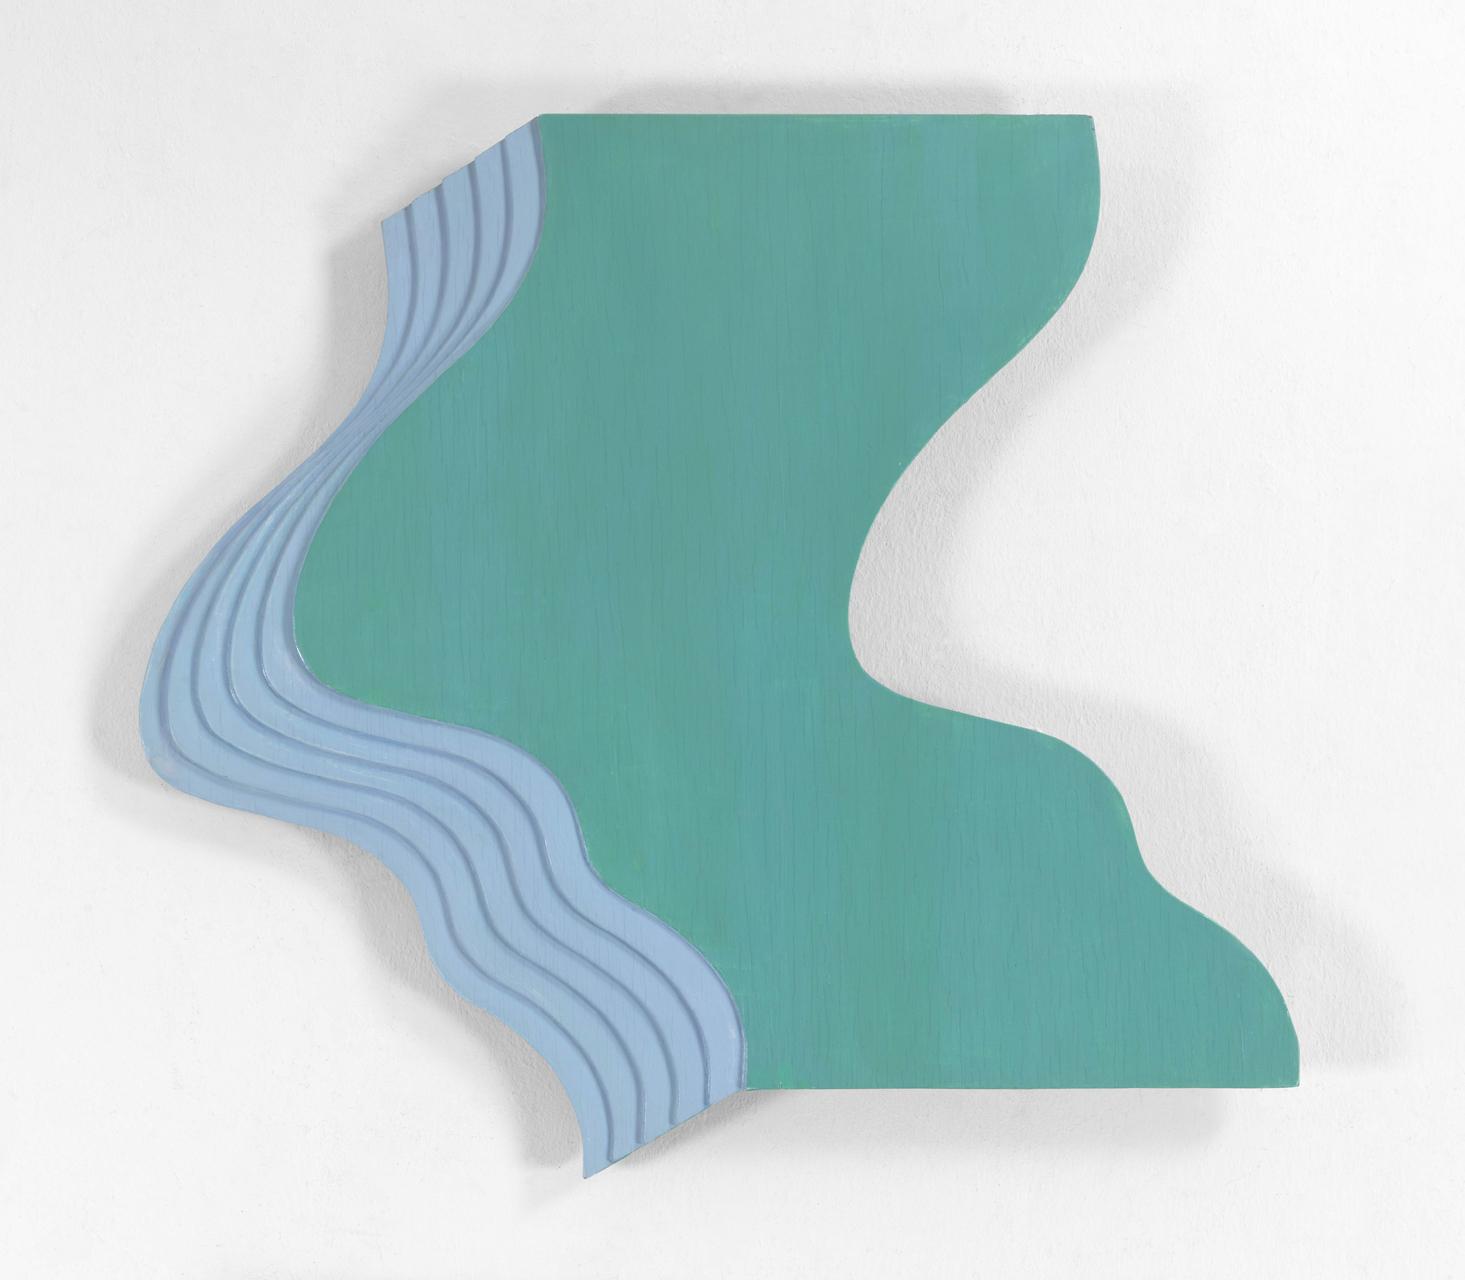 Markus Raetz, La Plage, 1966, Kunstharz auf Sperrholz, Relief in sechs Schichten, 69,4 x 70,5 cm